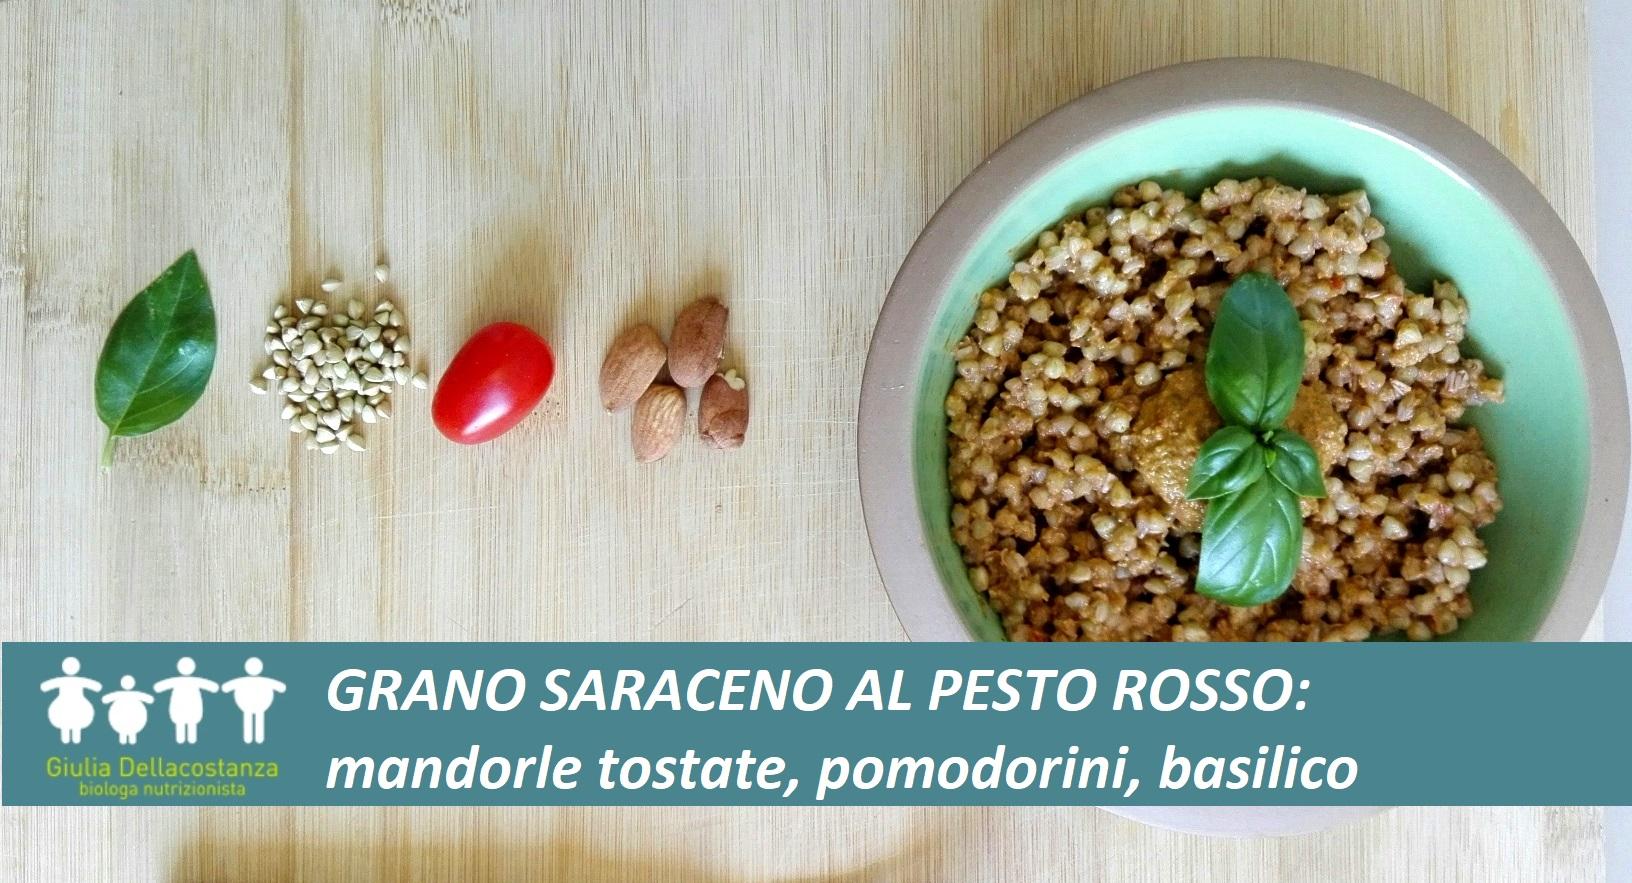 Ricette per l'estate - Grano saraceno condito con pesto a base di pomodoro, mandorle e basilico.